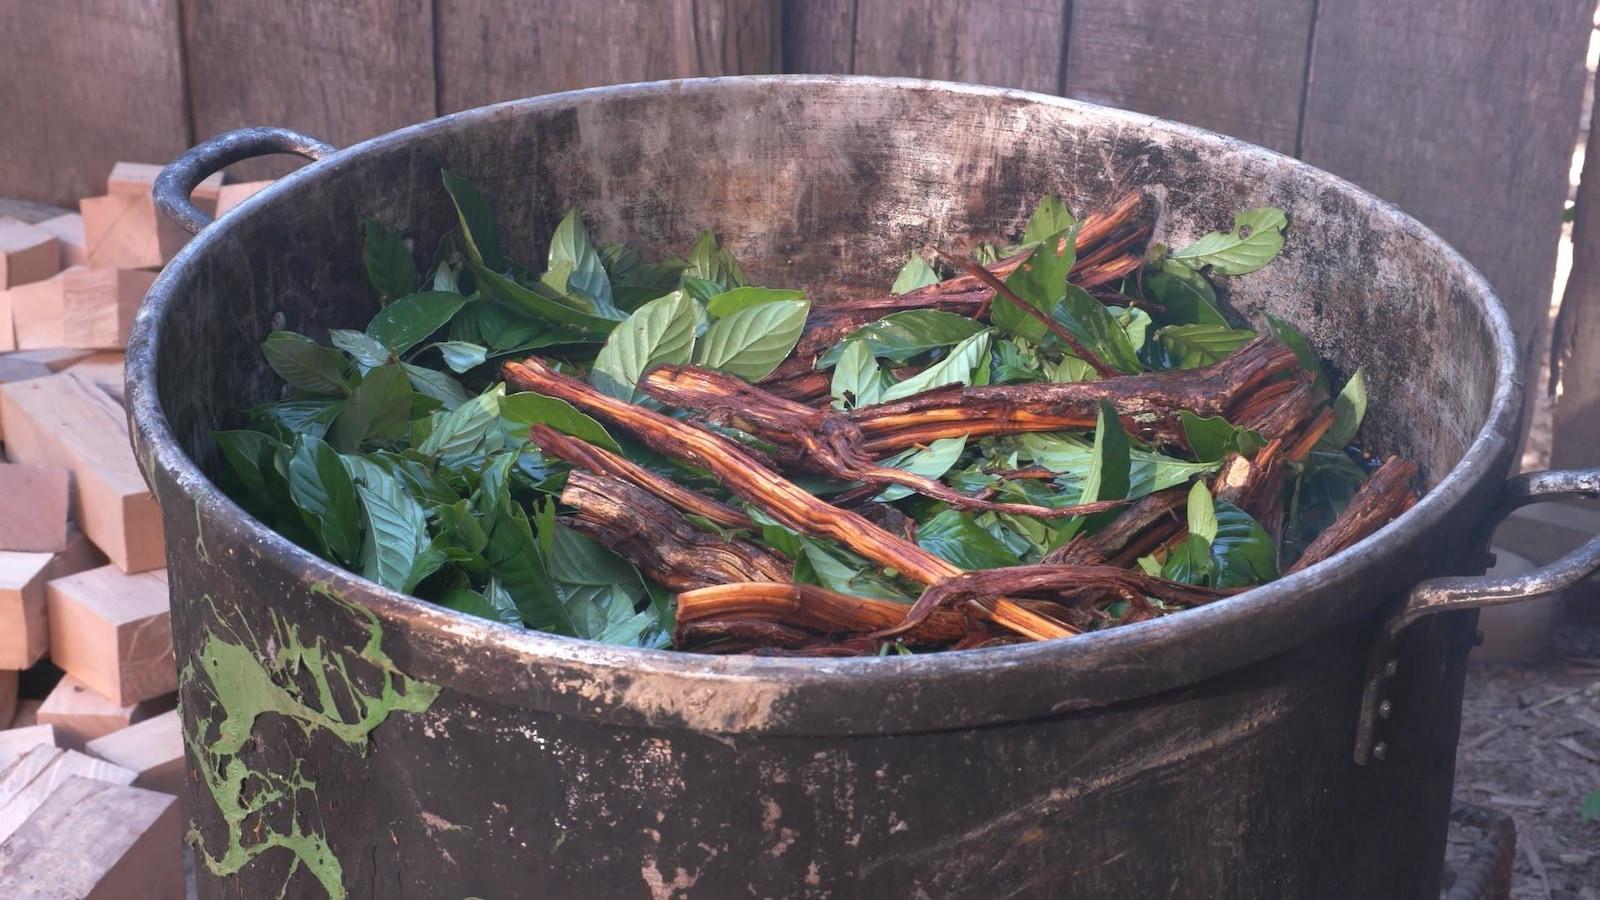 L'ayahuasca est consommée dans la clandestinité par des adeptes qui l'utilisent dans une démarche spirituelle.